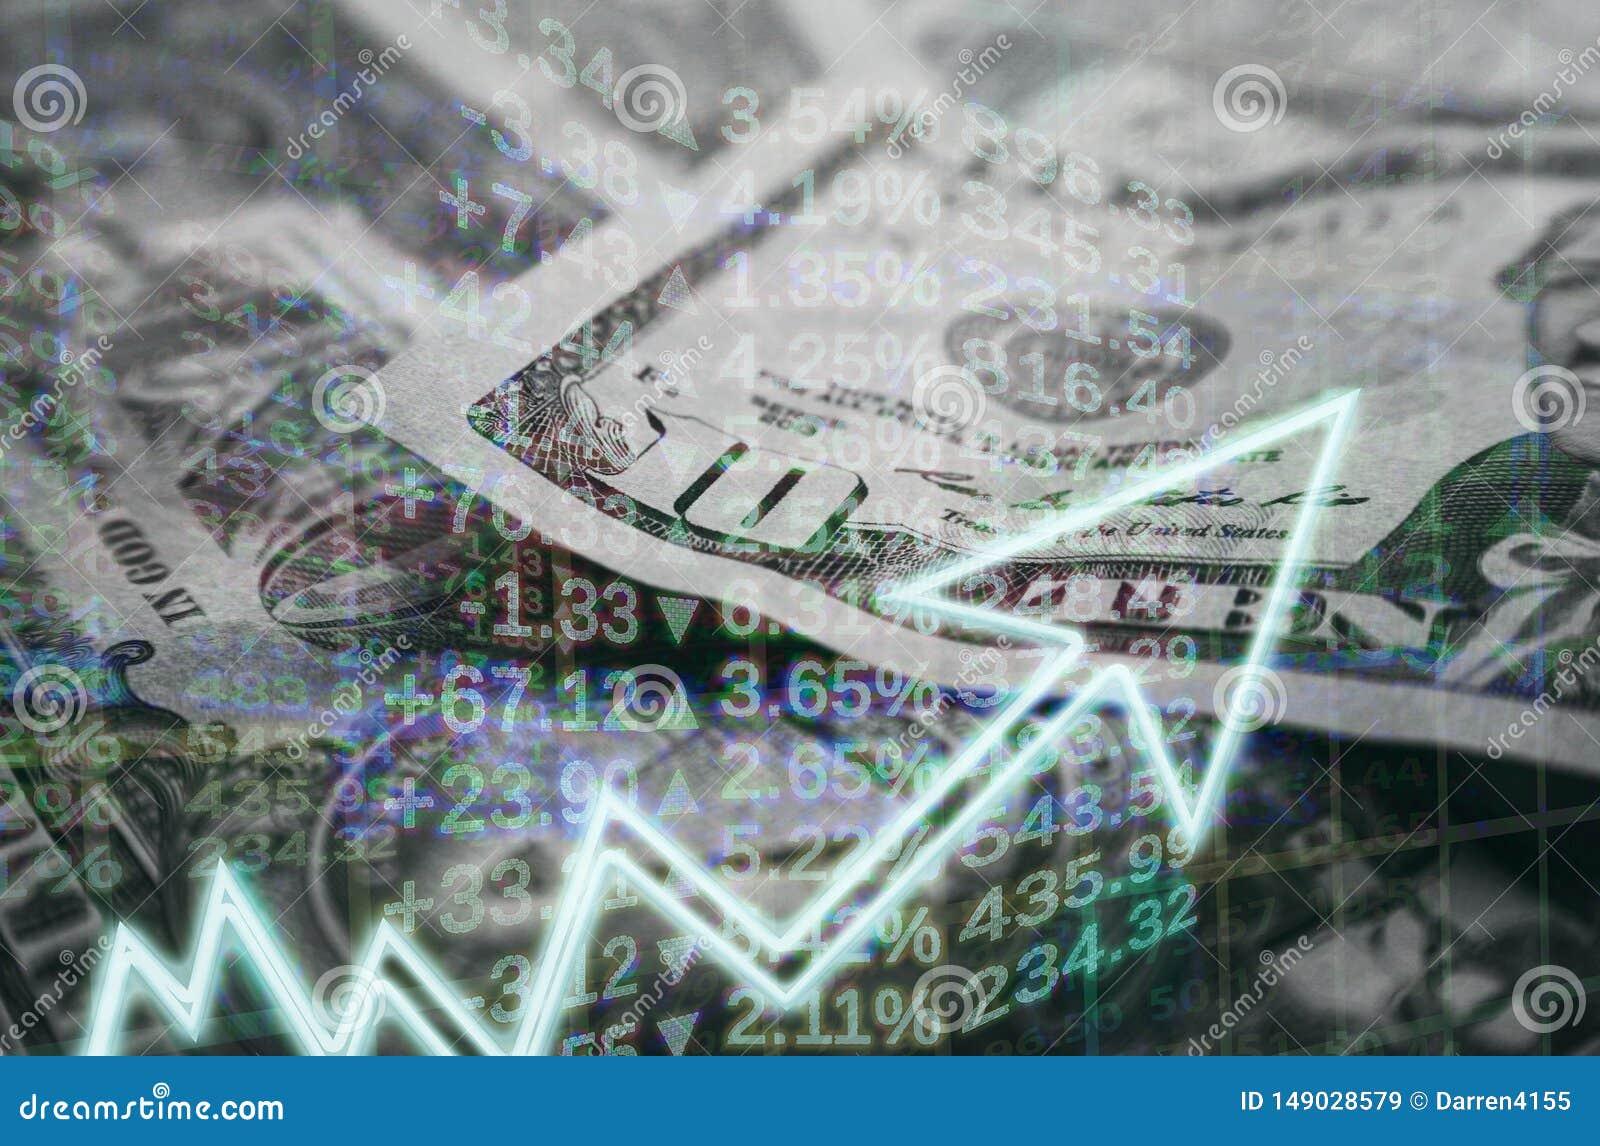 O negócio & a finança com dinheiro & lucro conservado em estoque da exibição do gráfico ganham de alta qualidade